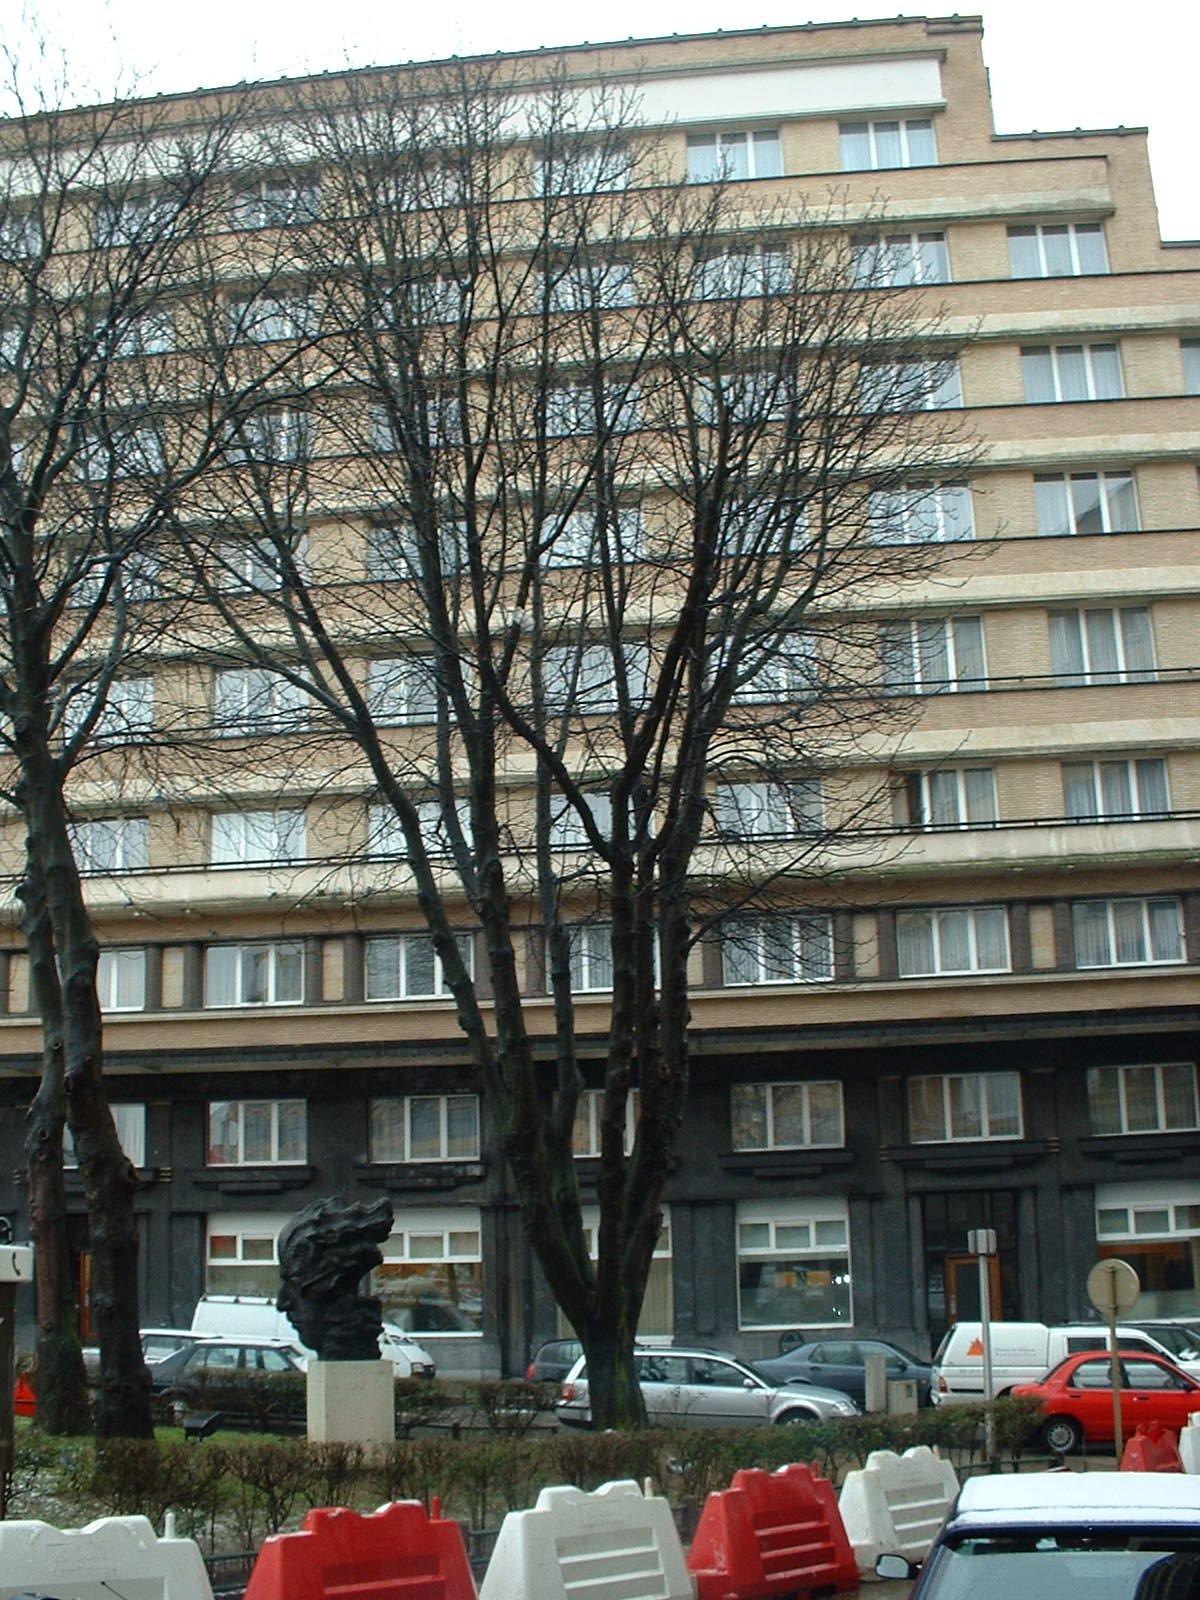 Marronnier commun – Ixelles, Rue des Cygnes –  05 Février 2003